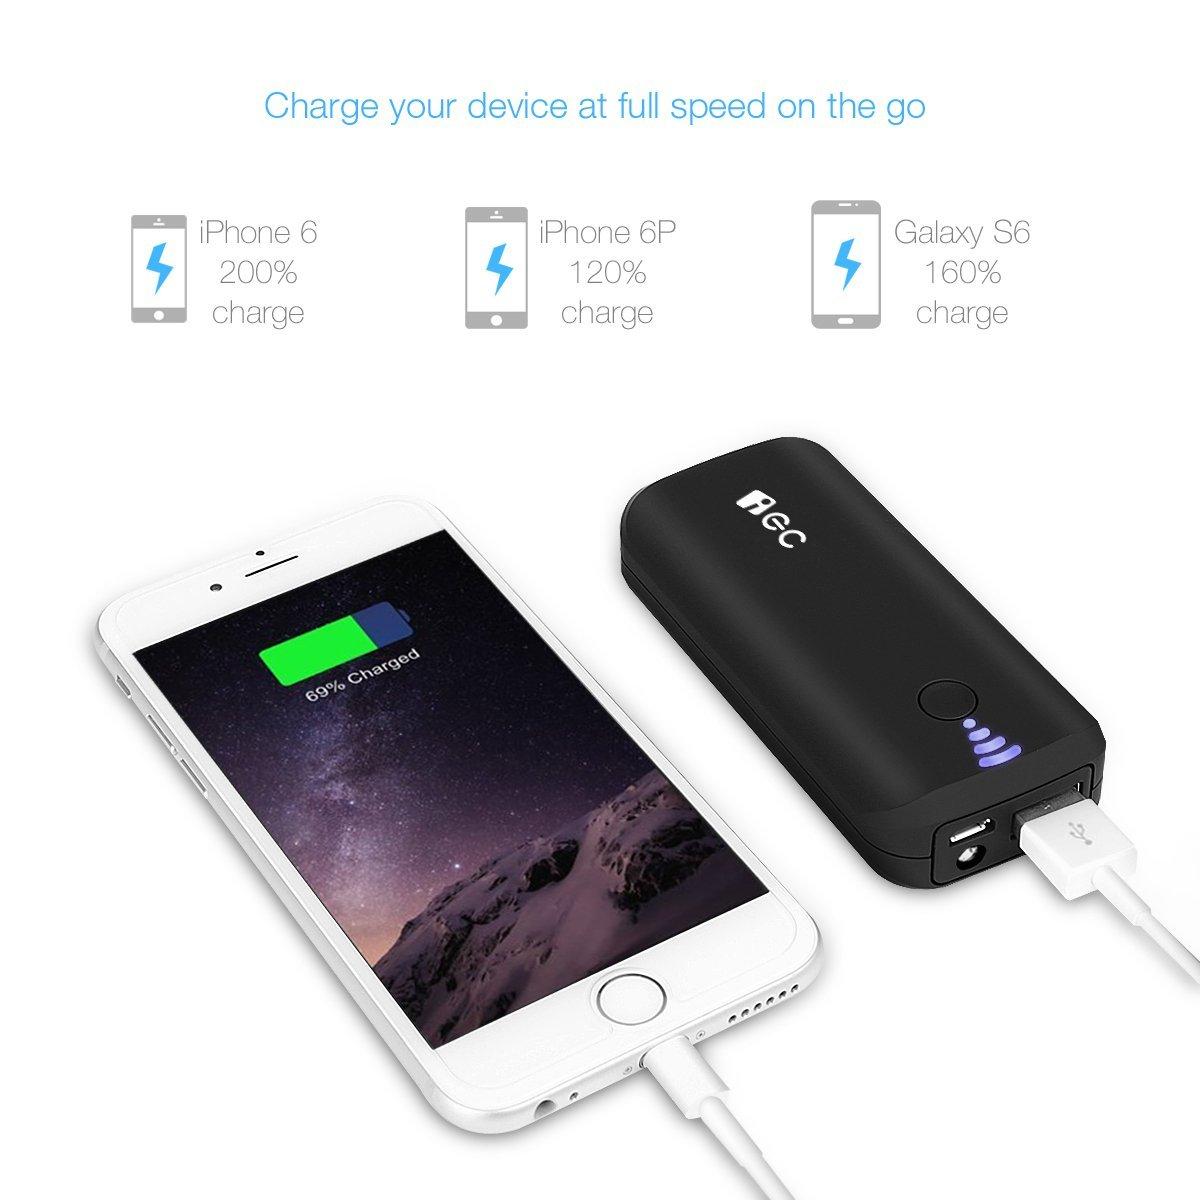 Mỹ công nghệ EC ® 5200mah chuyển điện siêu nhỏ dùng để kho báu bị portable sạc iPhone selen / iPhone